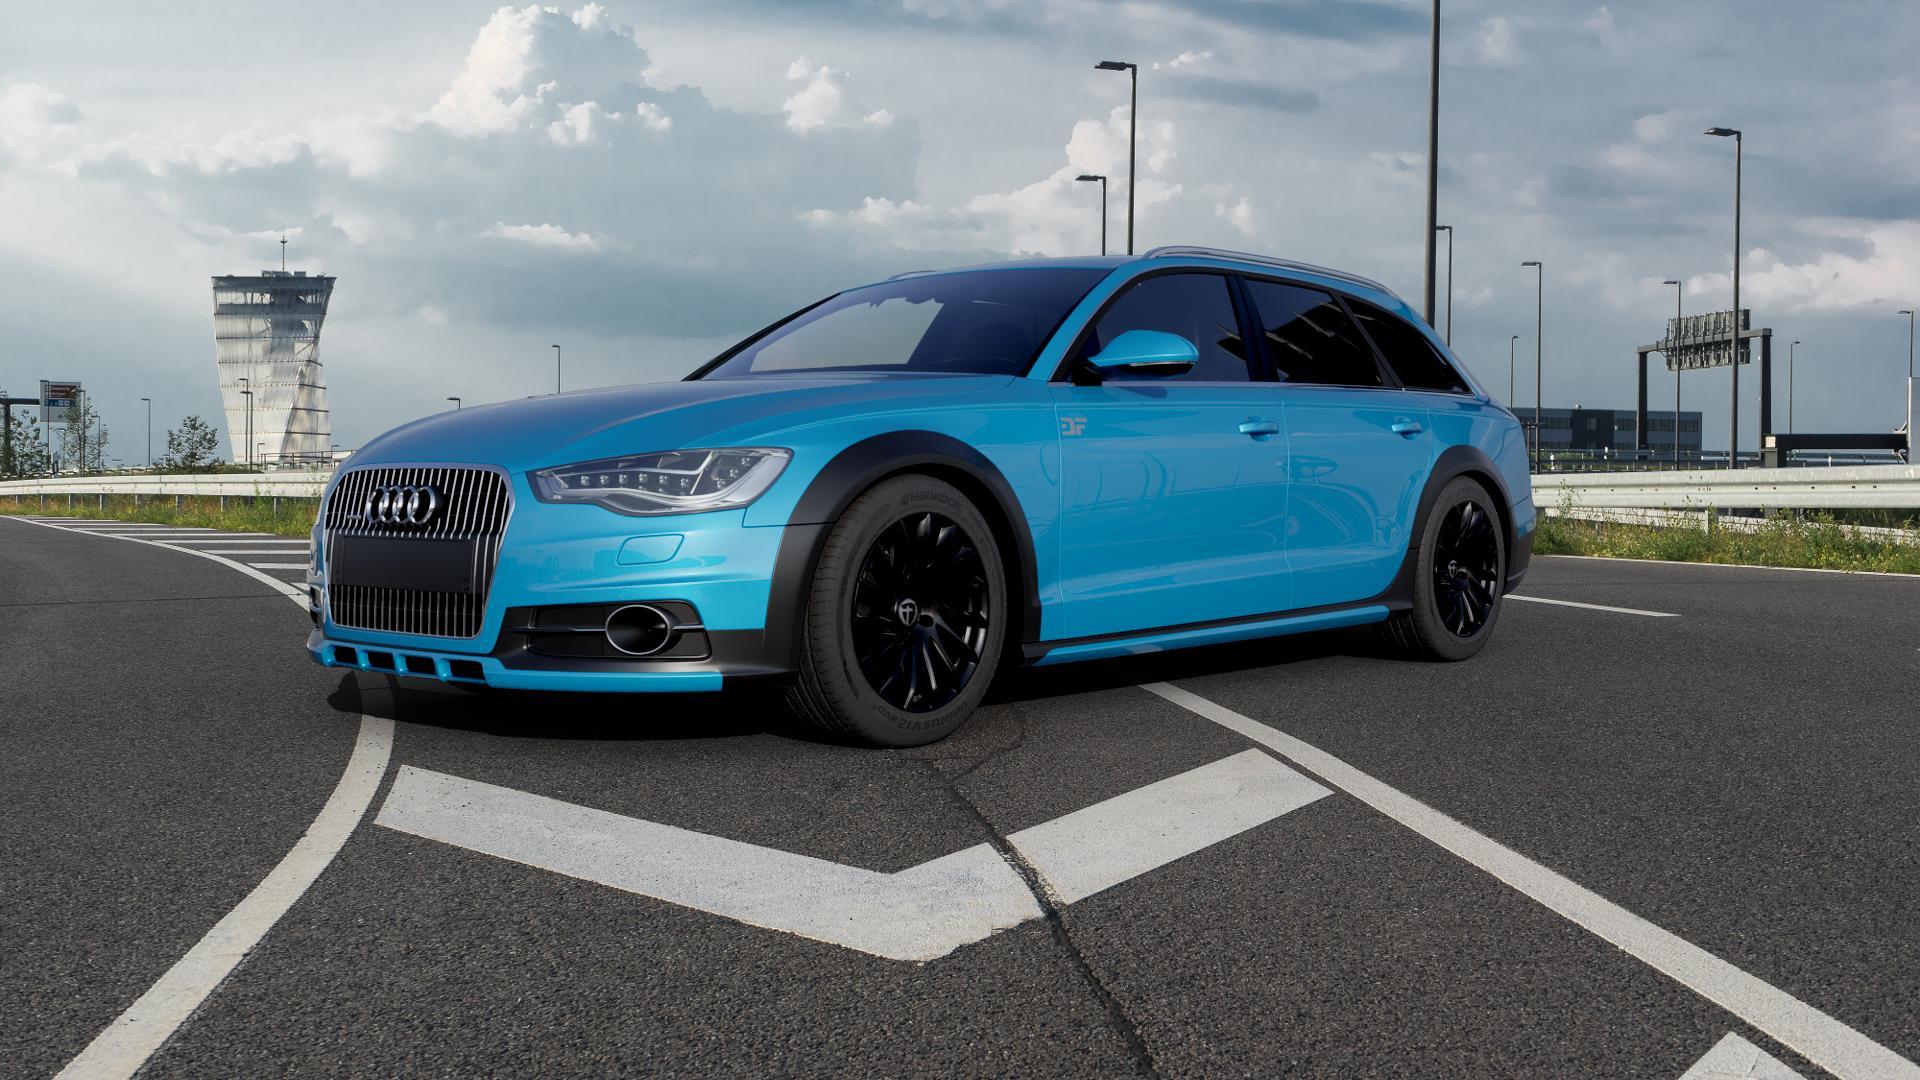 TOMASON TN16 Black painted Felge mit Reifen schwarz in 18Zoll Winterfelge Alufelge auf hellblau Audi A6 Allroad Quattro Typ 4G/C7 ⬇️ mit 15mm Tieferlegung ⬇️ Autobahn_1 Camera_000